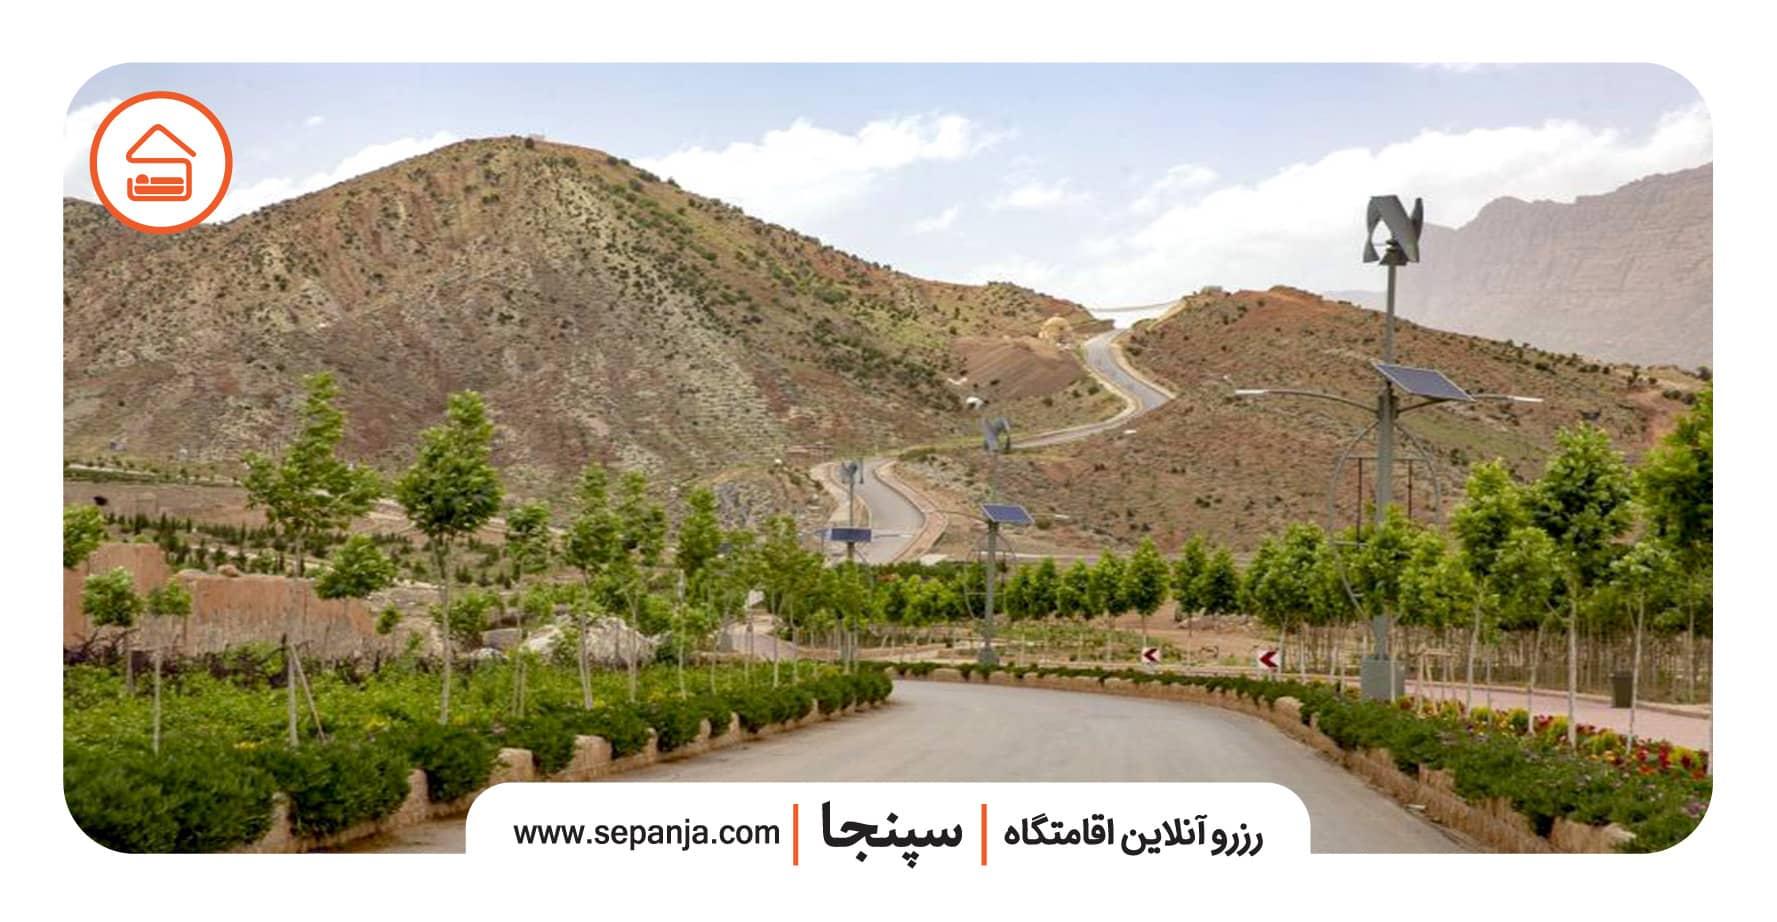 پارک کوهستانی شیراز